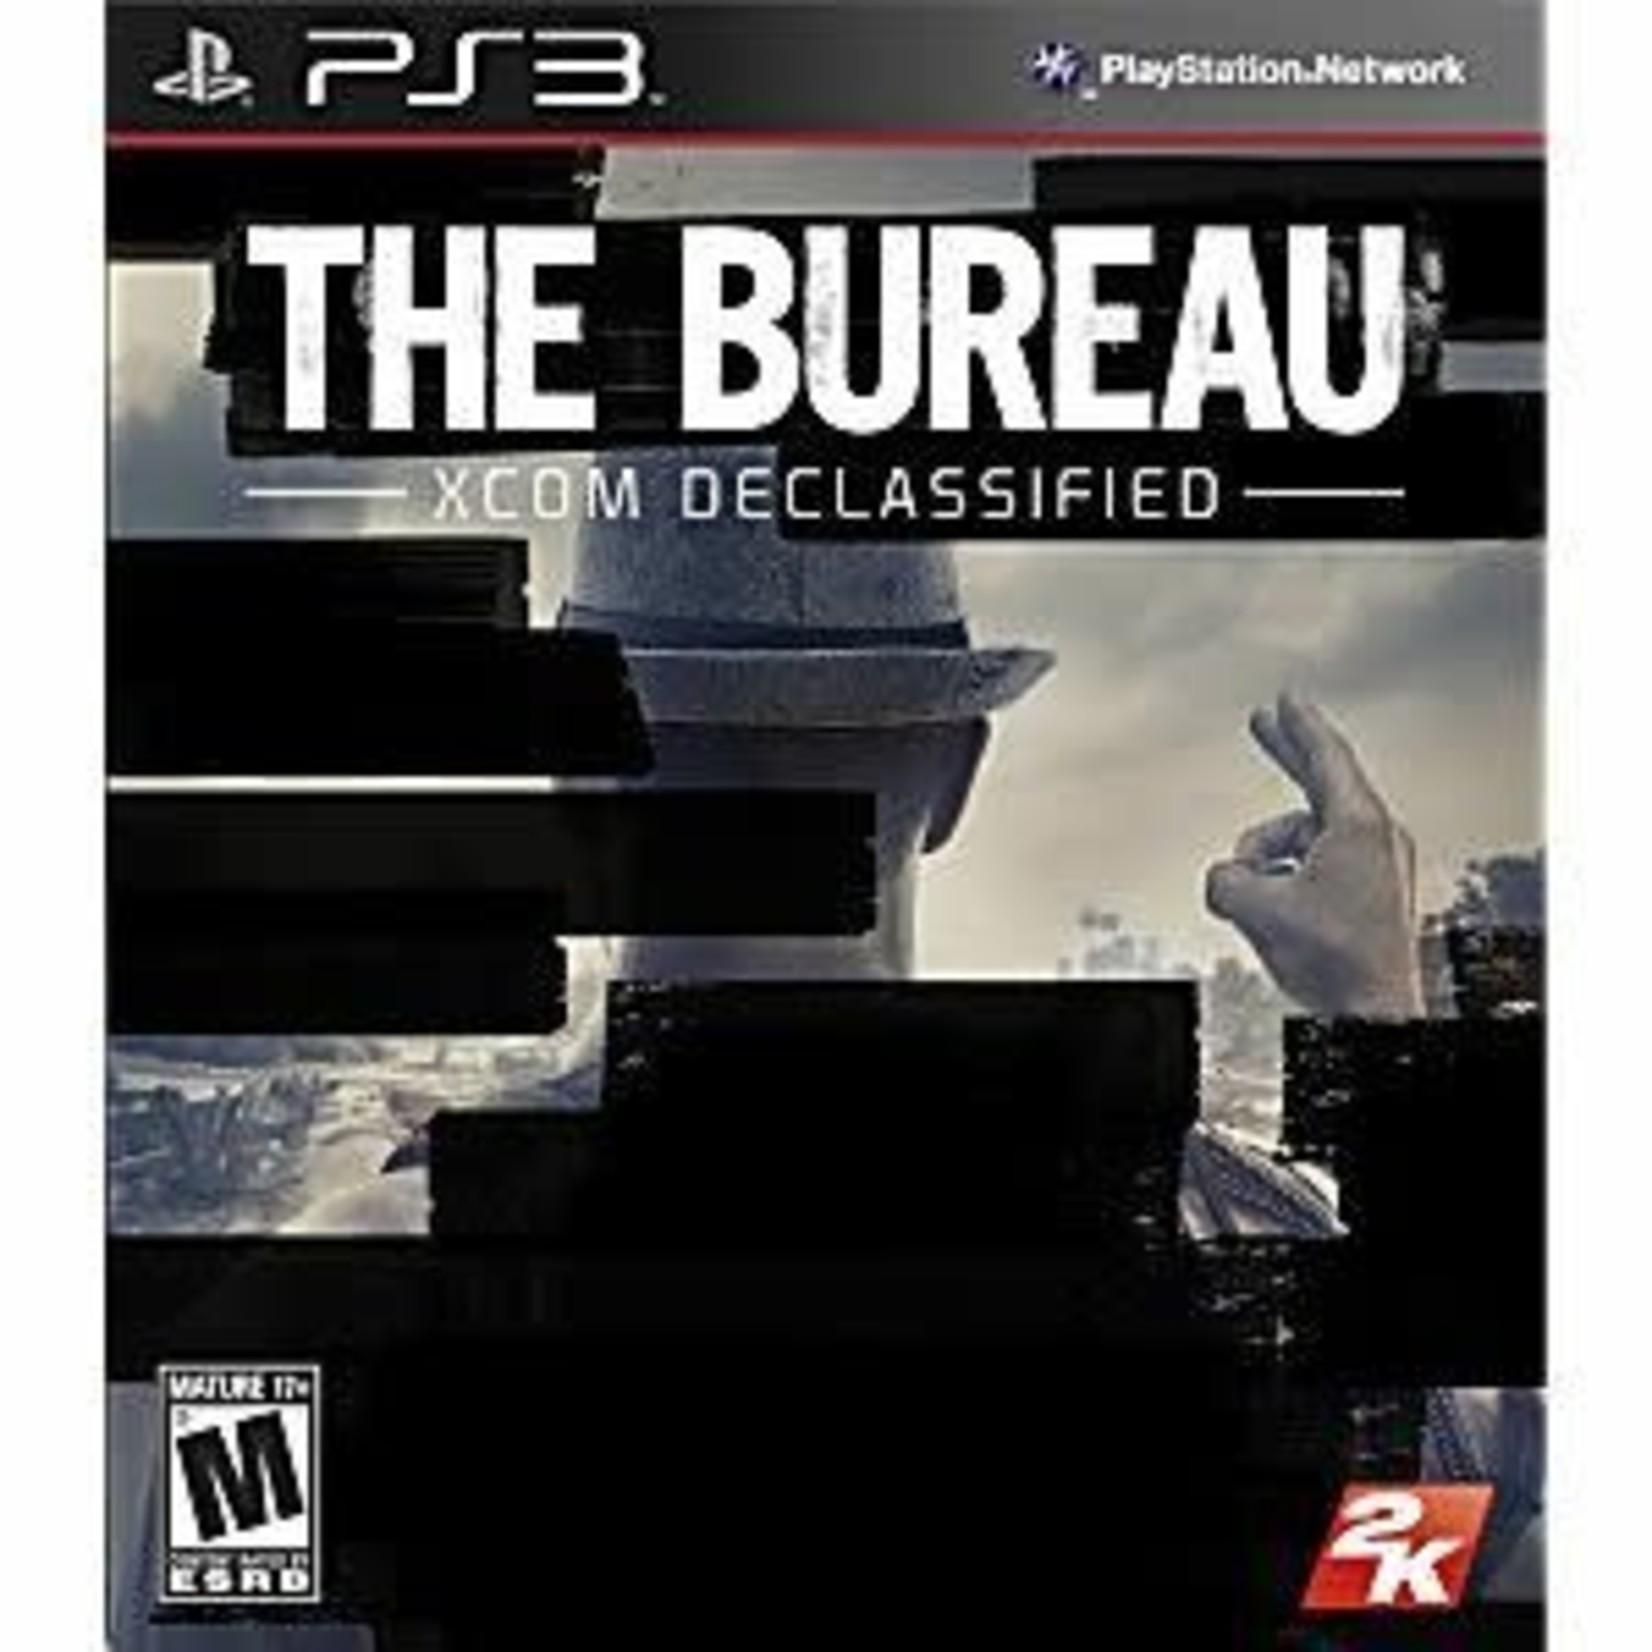 PS3U-THE BUREAU: XCOM DECLASSIFIED